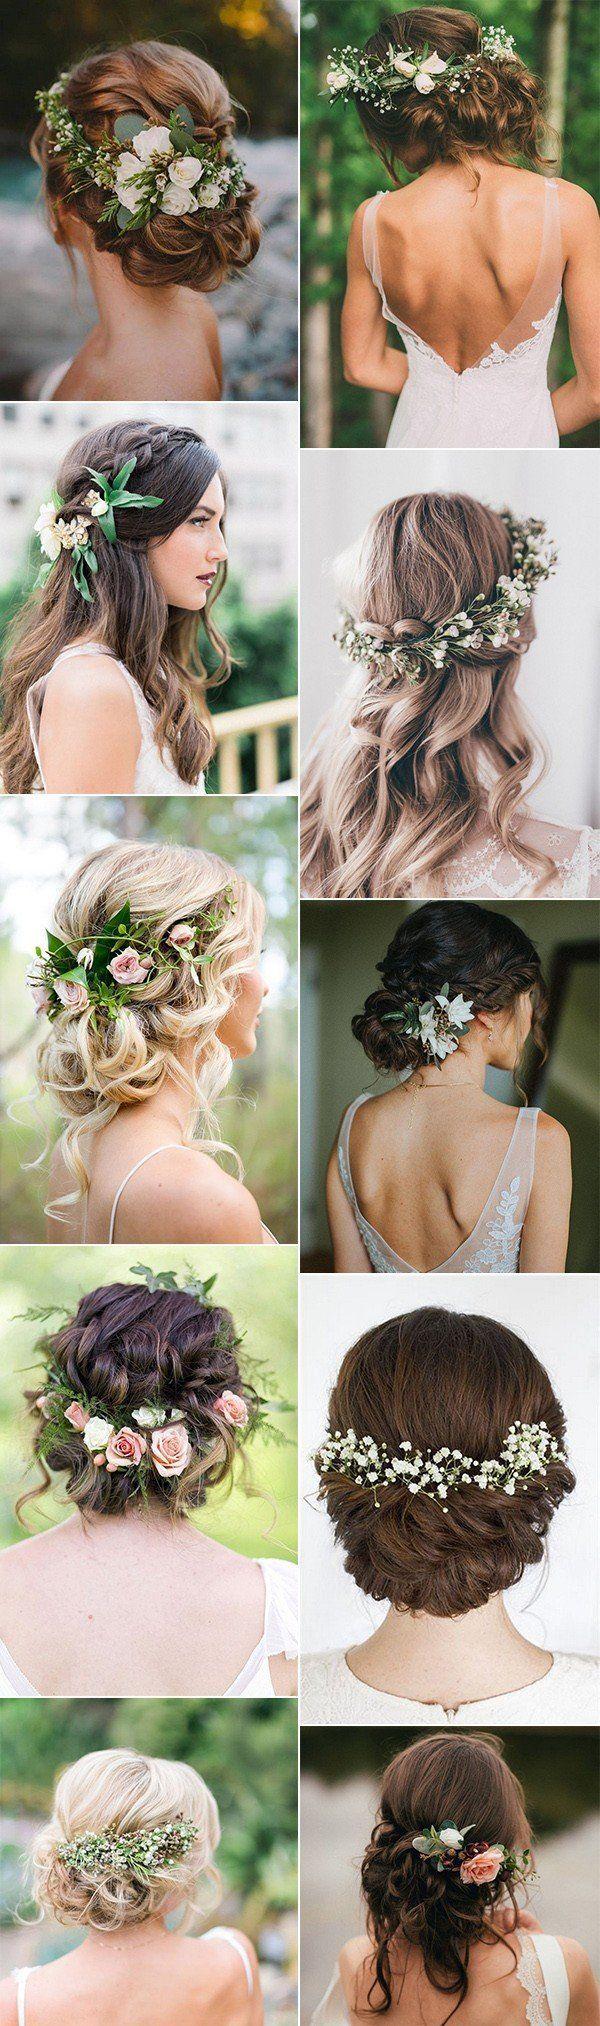 Ihr Hochzeitstag steht vor der Tür, und Sie müssen über Ihr Kleid, Ihren Blumenstrauß und über Ihr #flowerdresses